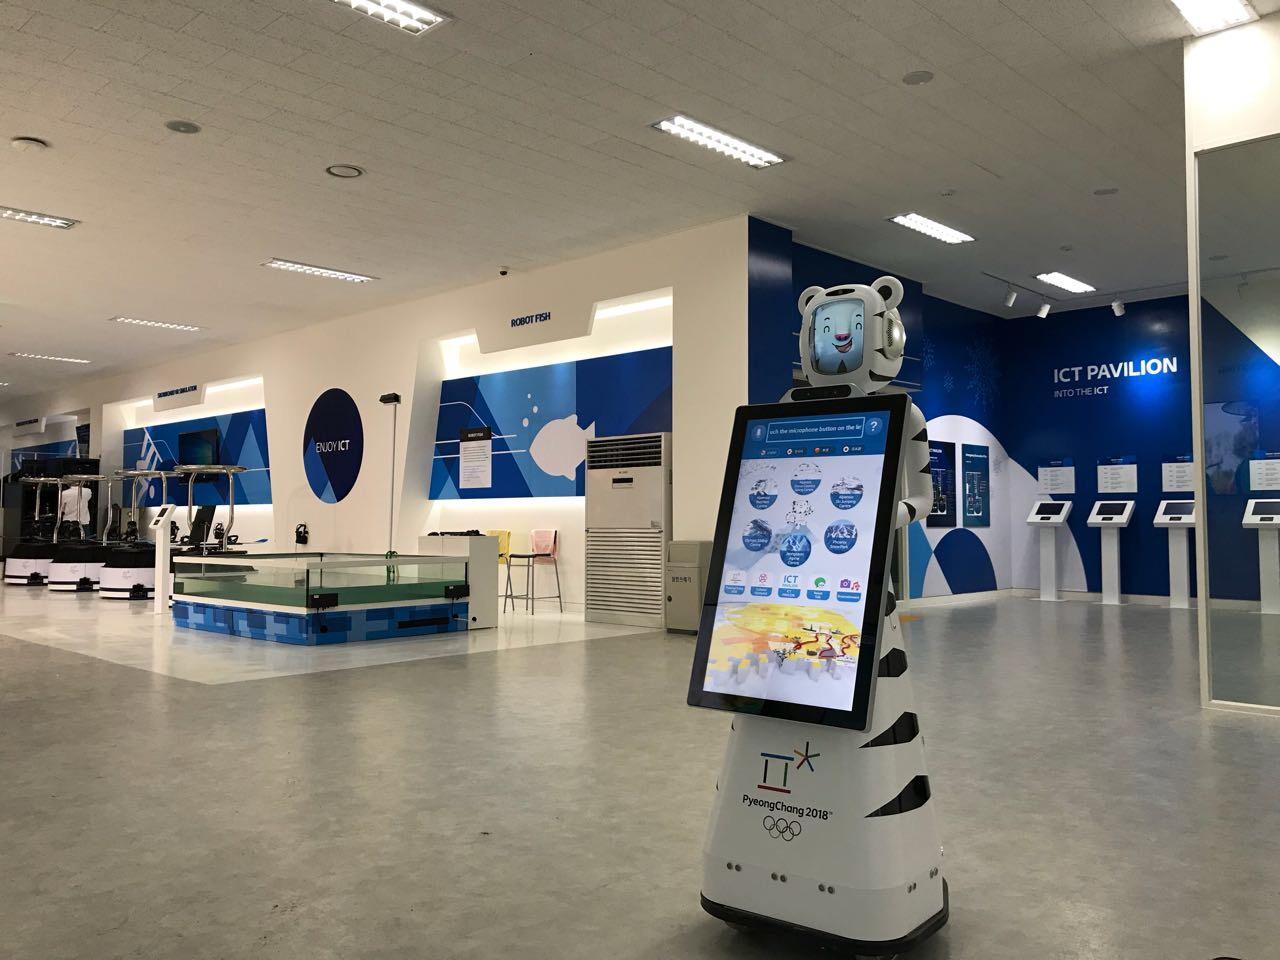 Este robot, que tiene la forma de una de las mascotas olímpicas, traduce entre coreano y otros idiomas.